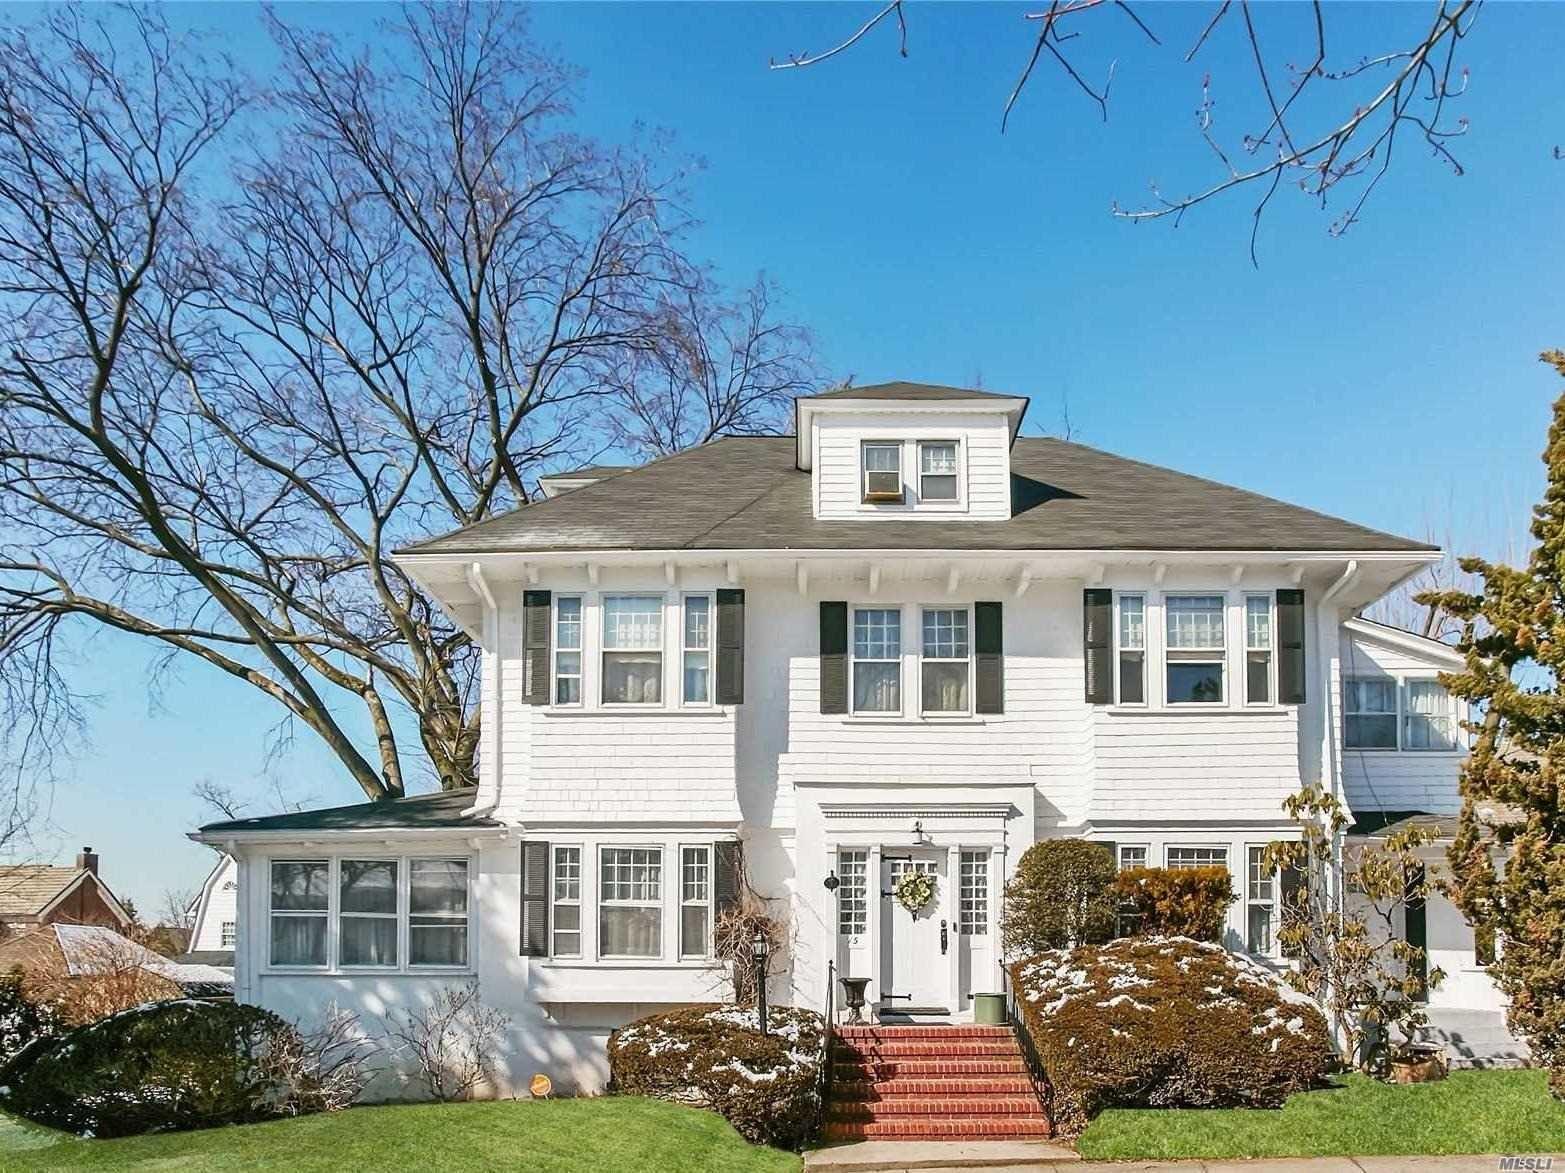 15 Manor Road, Douglaston, NY 11363 - MLS#: 3204426